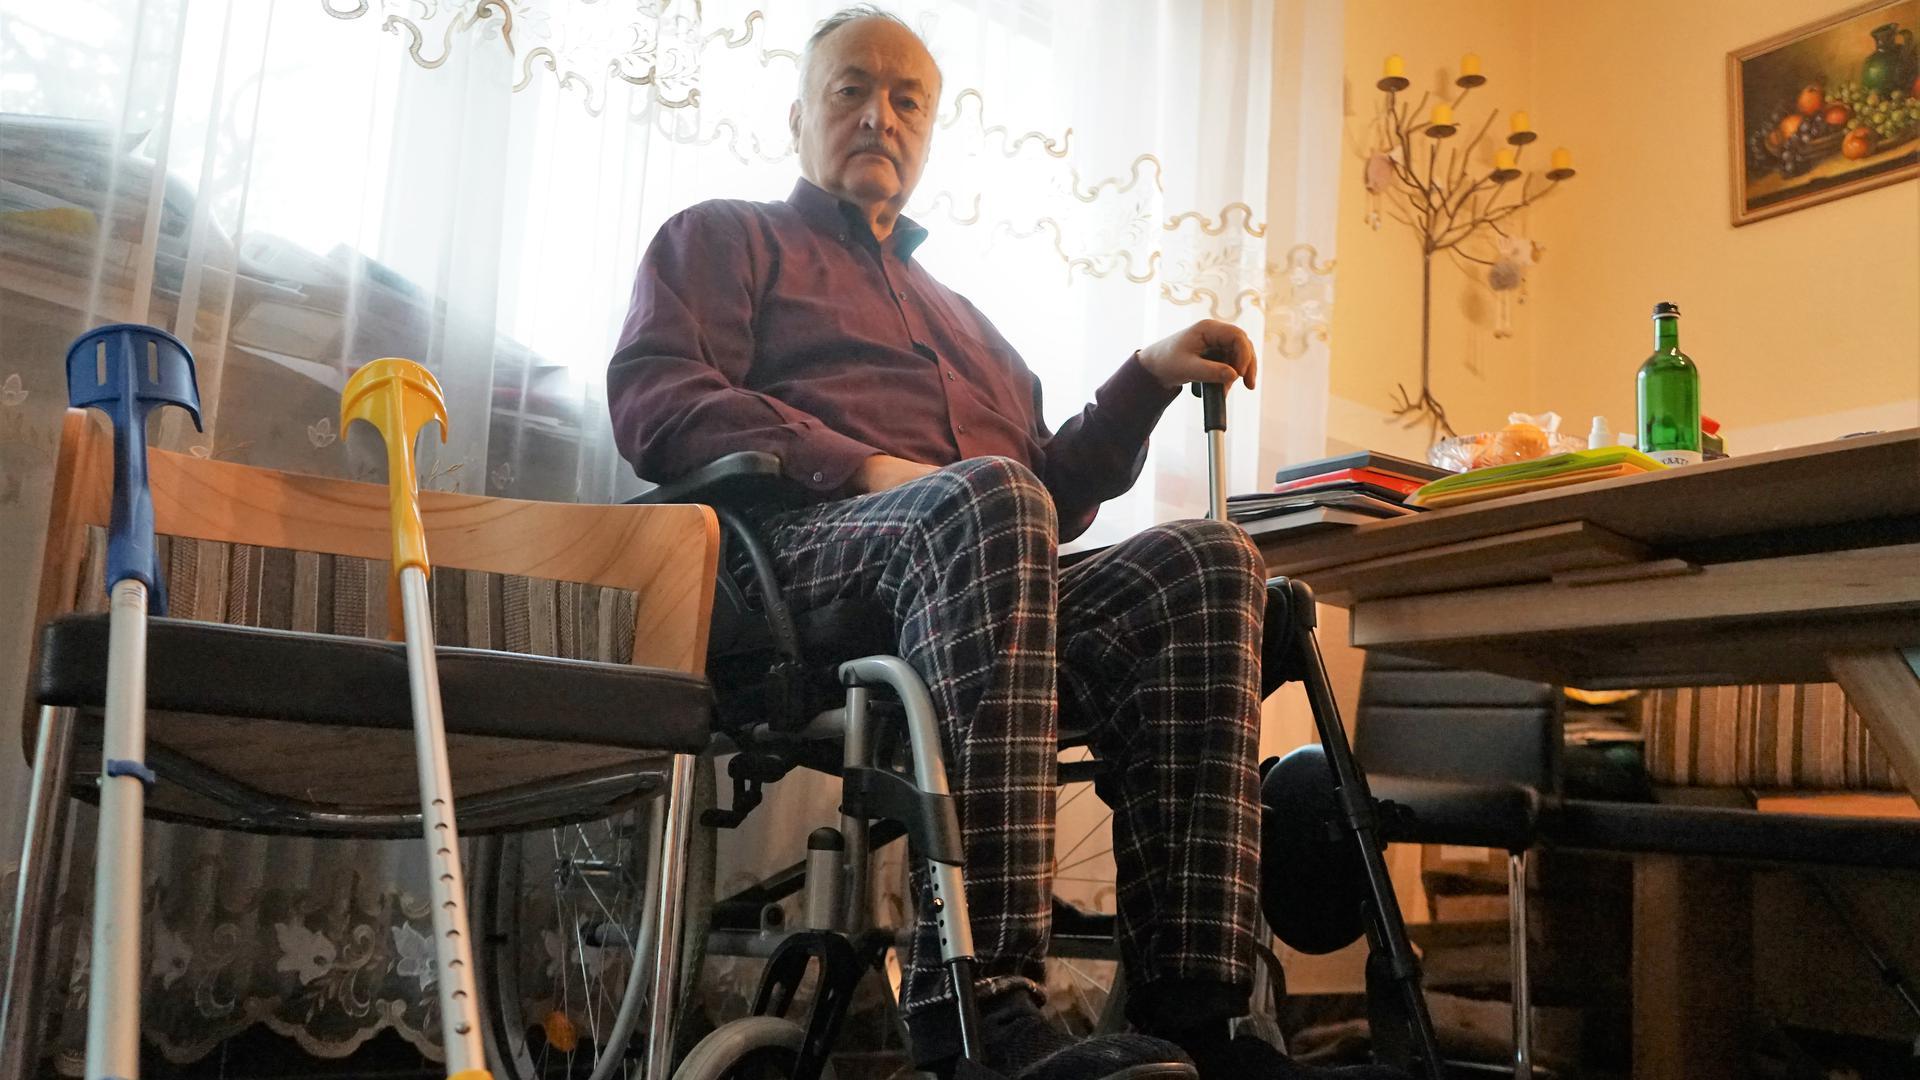 Wartet auf die Polizei: Frührentner Sergiy Kelm soll ins Gefängnis, weil er der Staatskasse noch 280 Euro schuldet.